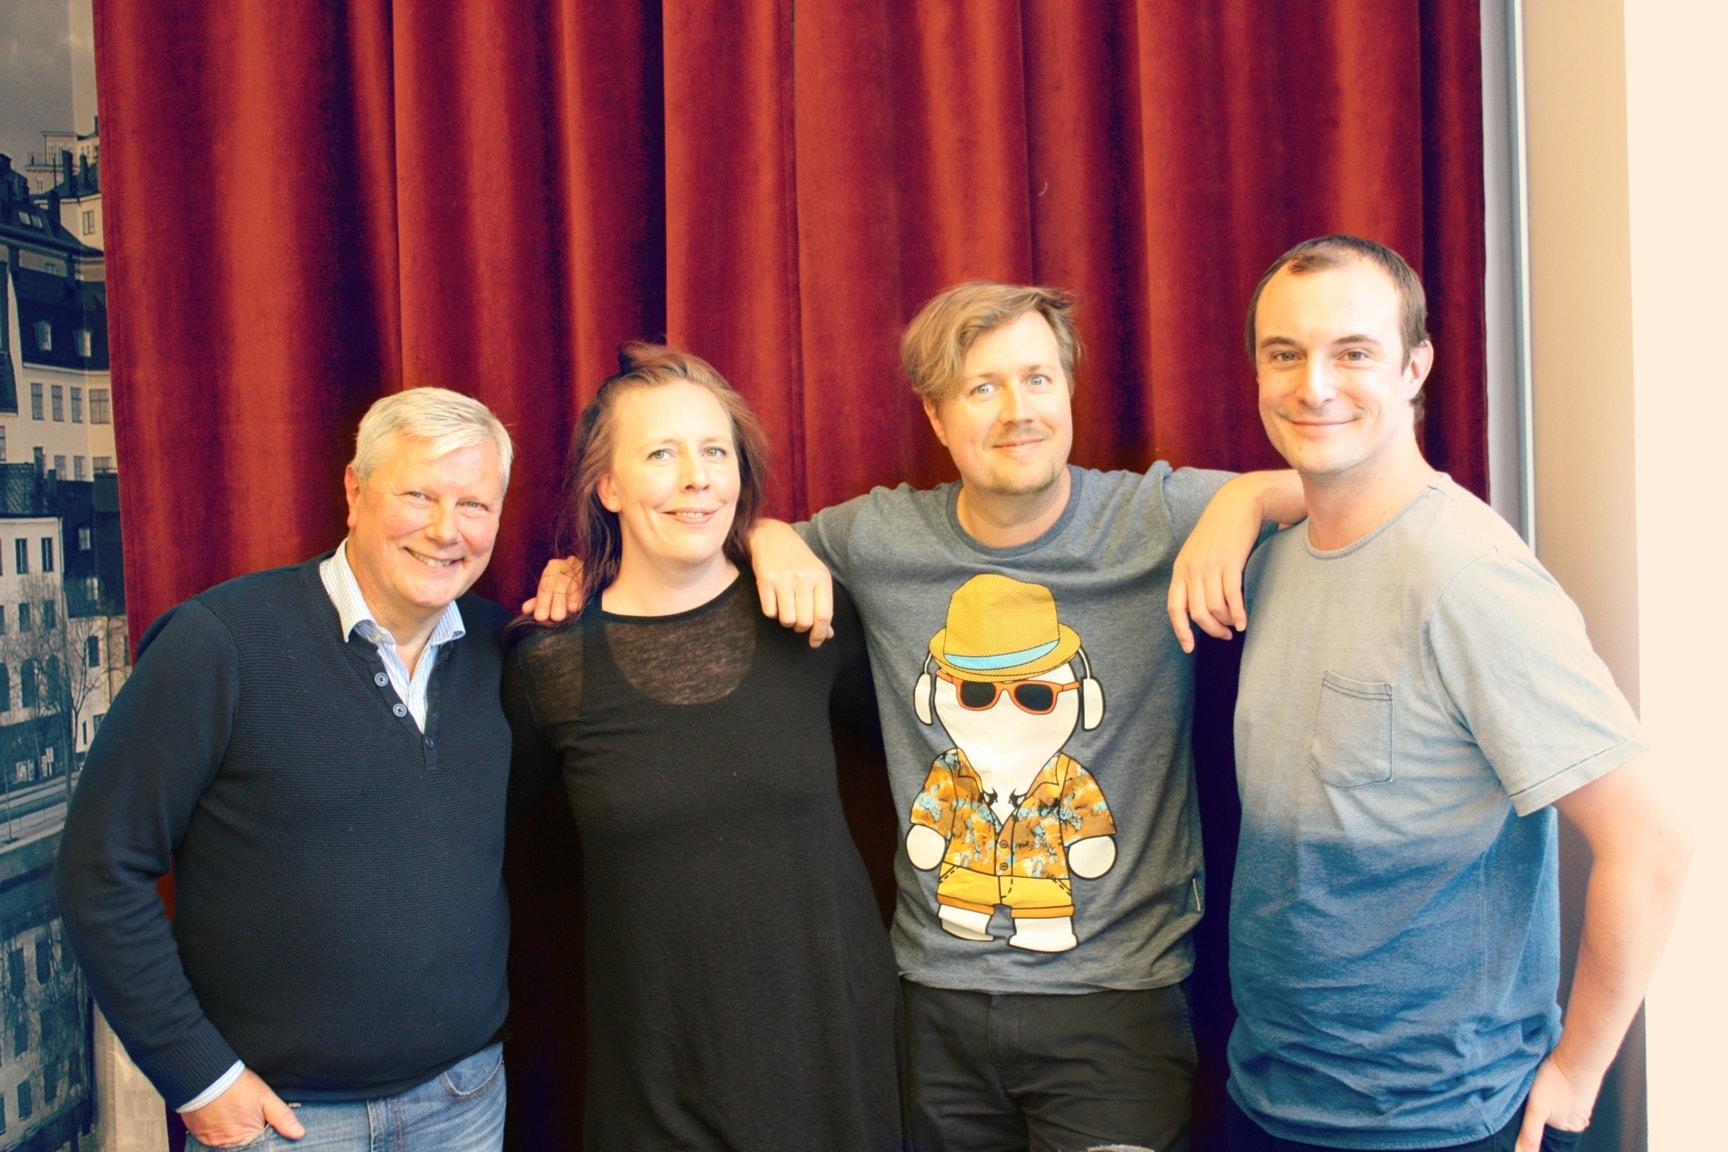 År 1981 - med Johan Hilton, Martina Montelius och Lars Ohly!